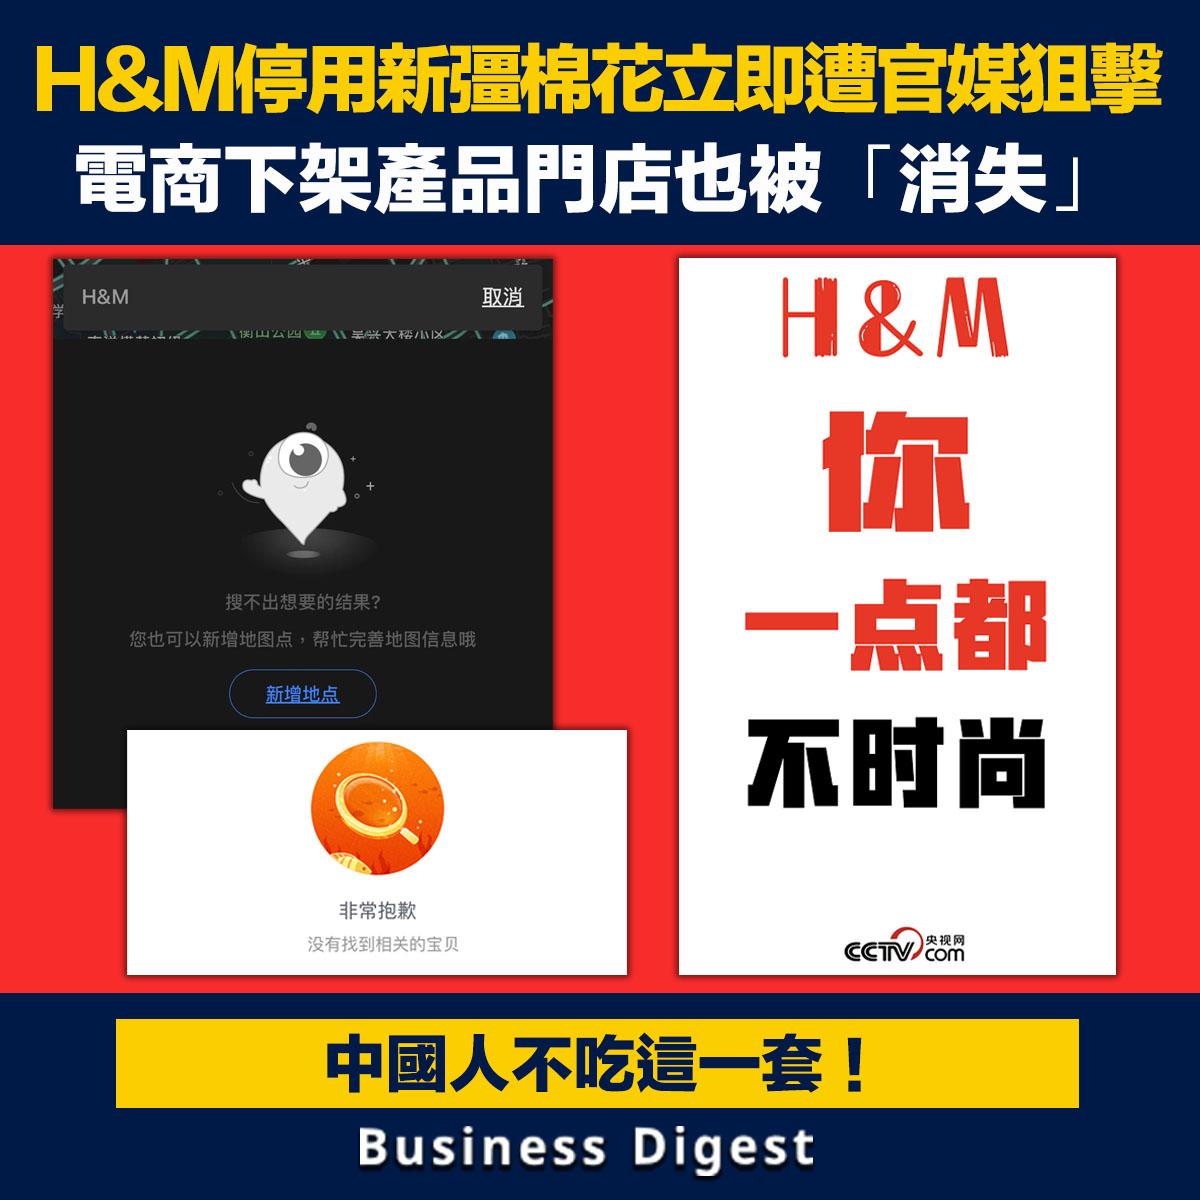 瑞典快時尚品牌H&M日前表示將停止使用新疆棉花,遭中國官媒狙擊